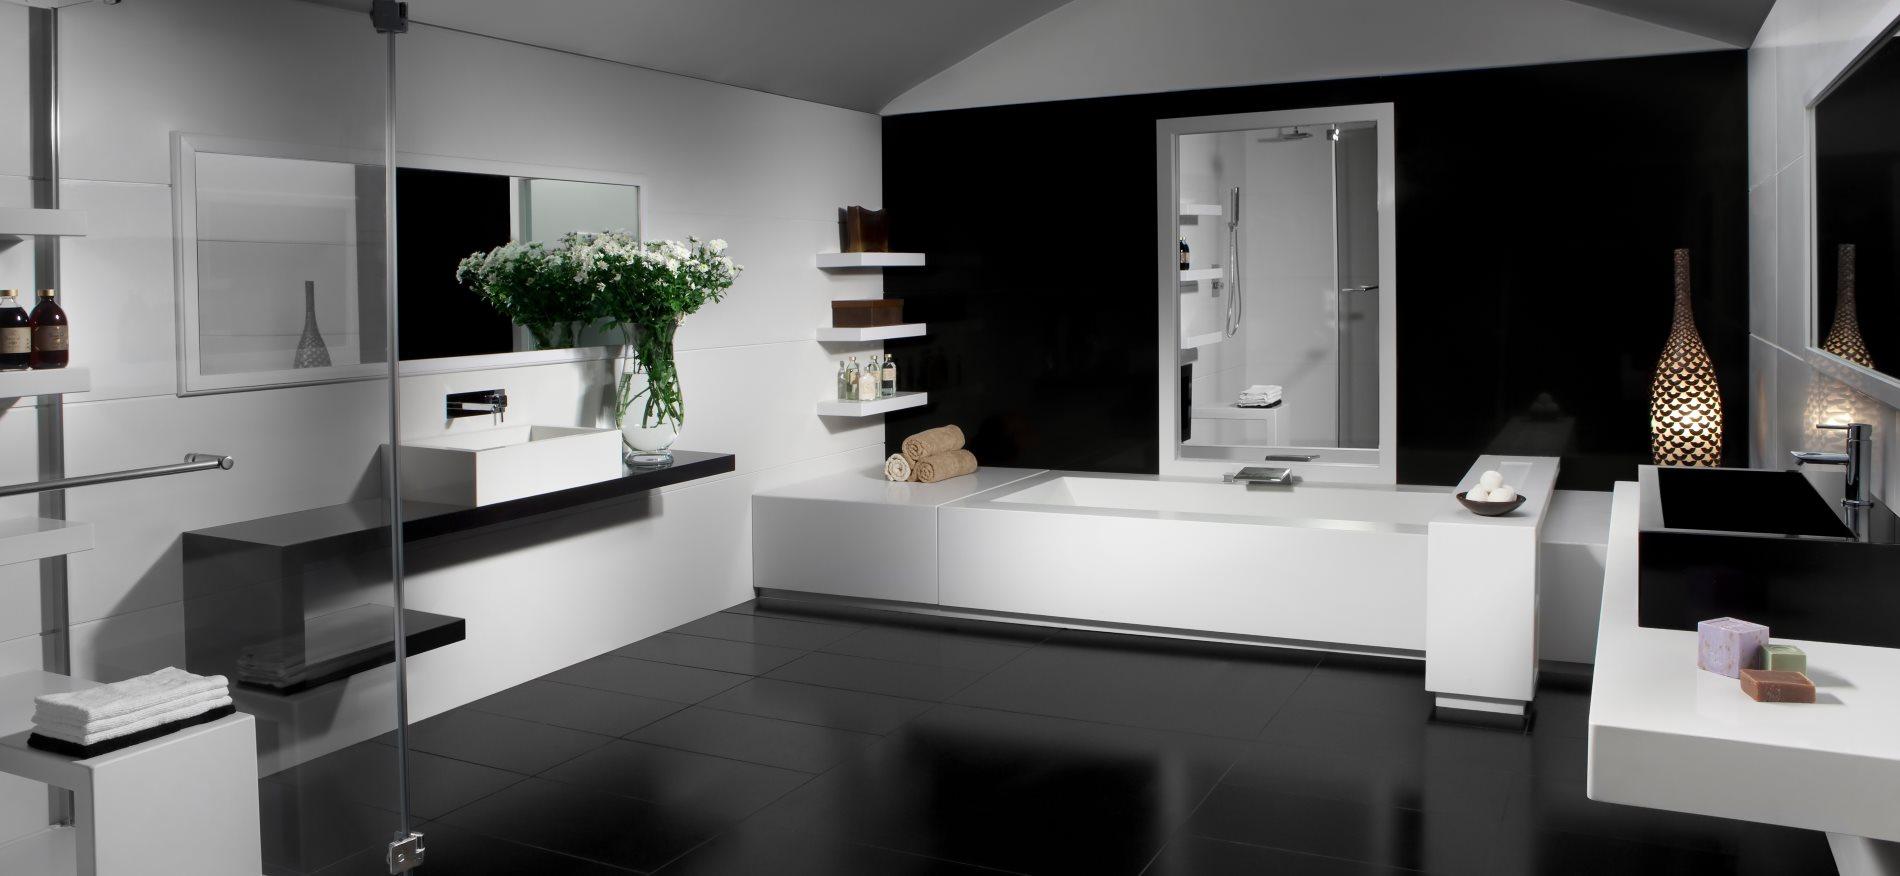 Caesarstone-Quarzkomposit-Quarz-Beispielfoto-Badezimmer